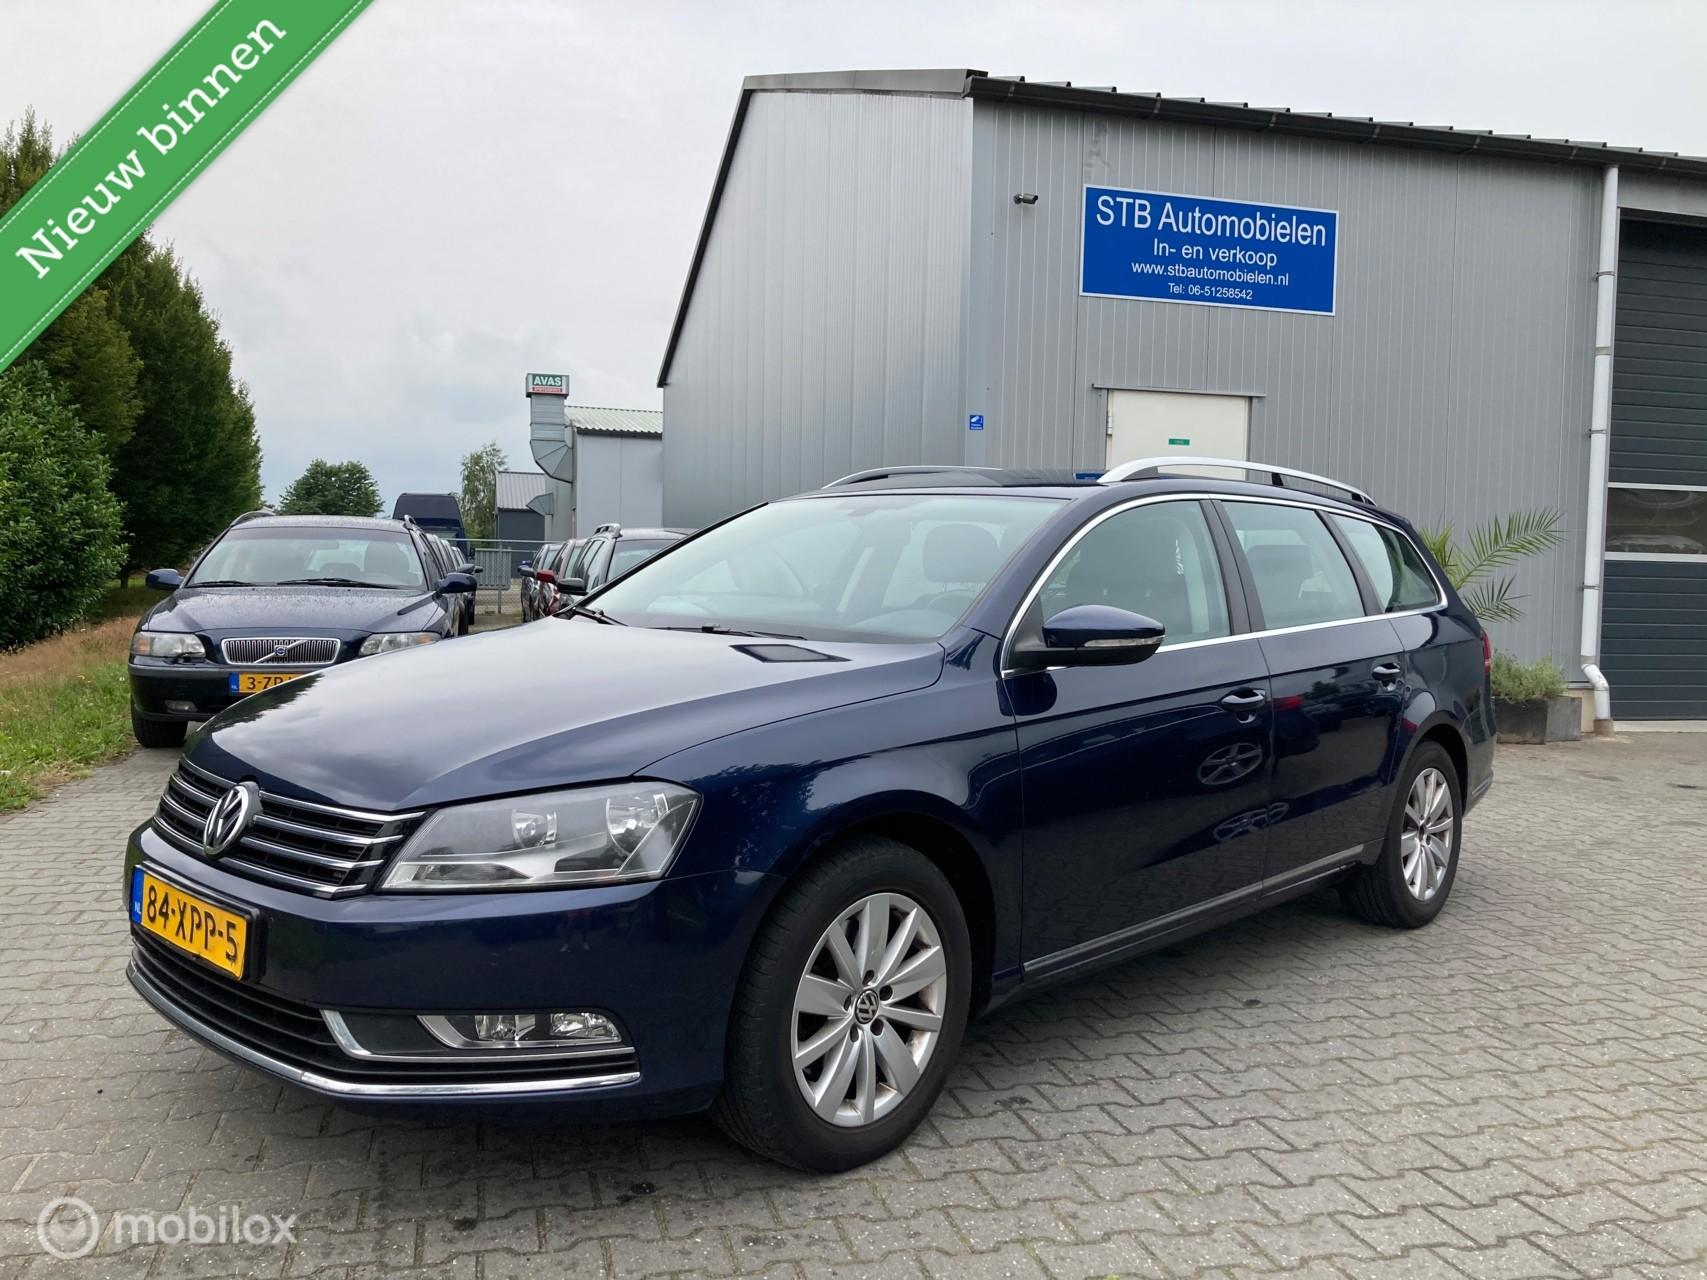 Volkswagen Passat Variant 1.6 TDI, Navi, €4.900,00 ex bpm